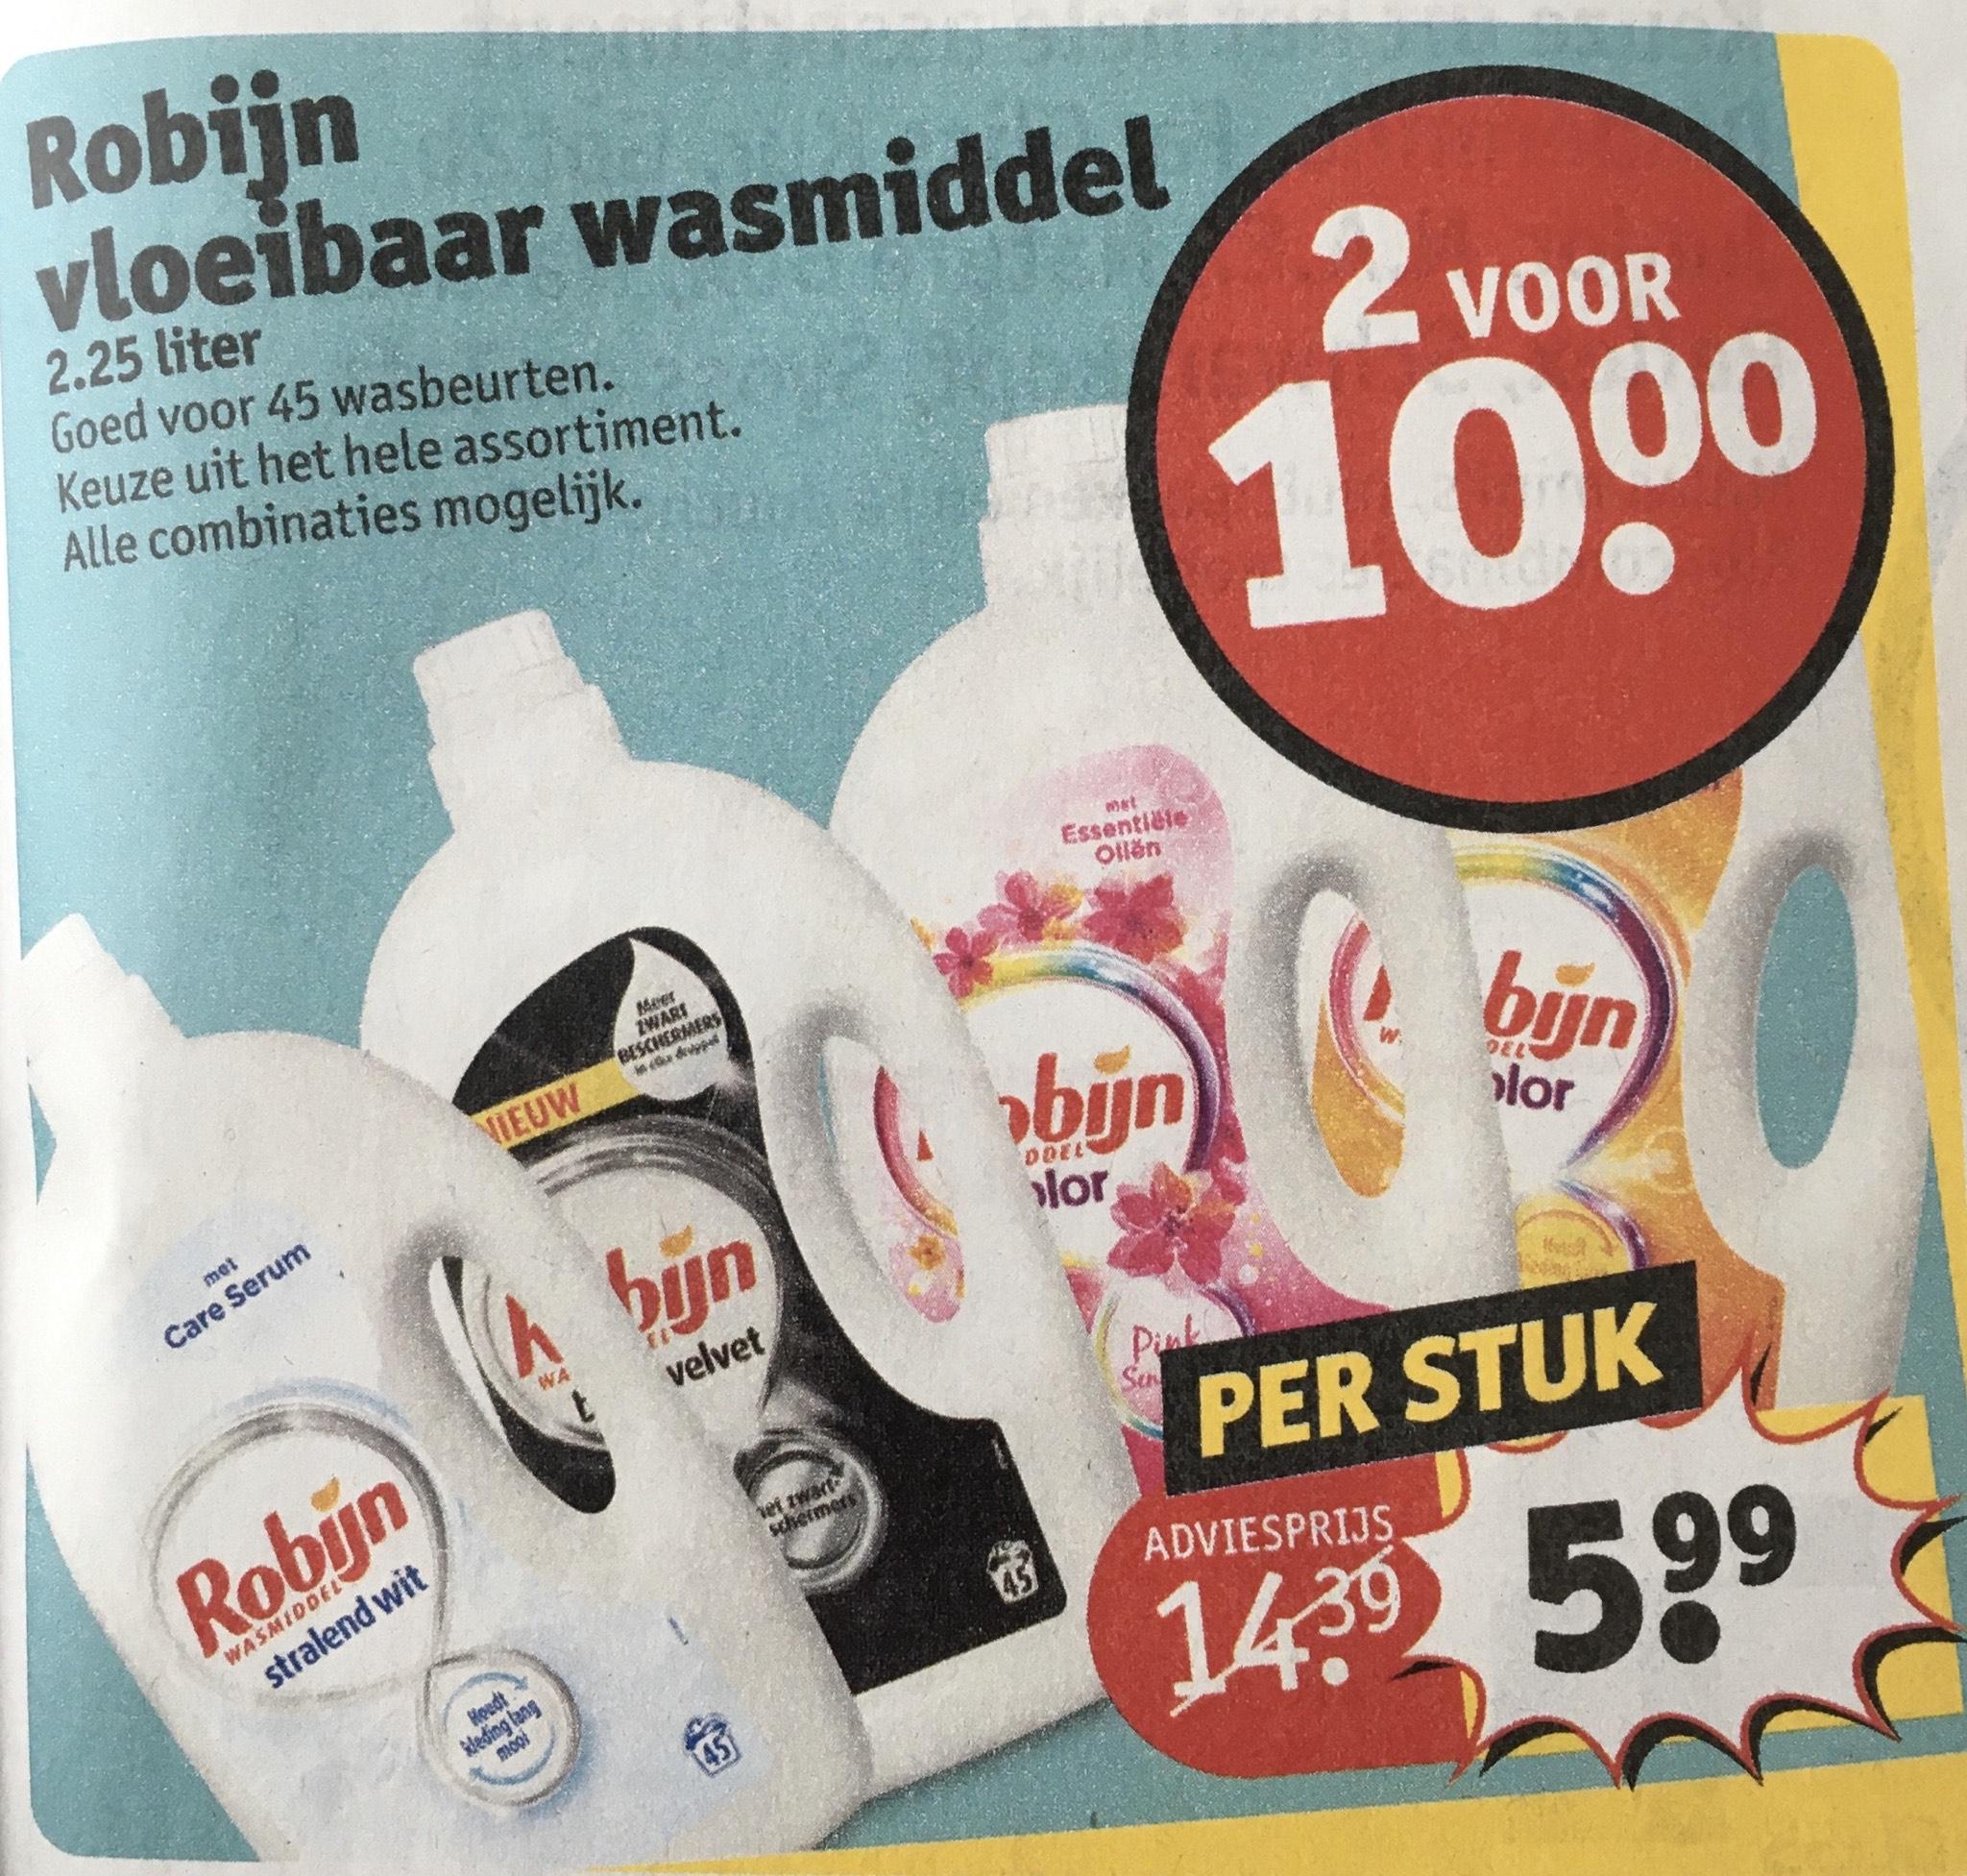 Kruidvat: Robijn vloeibaar wasmiddel - 4,5 liter = 90 wasbeurten